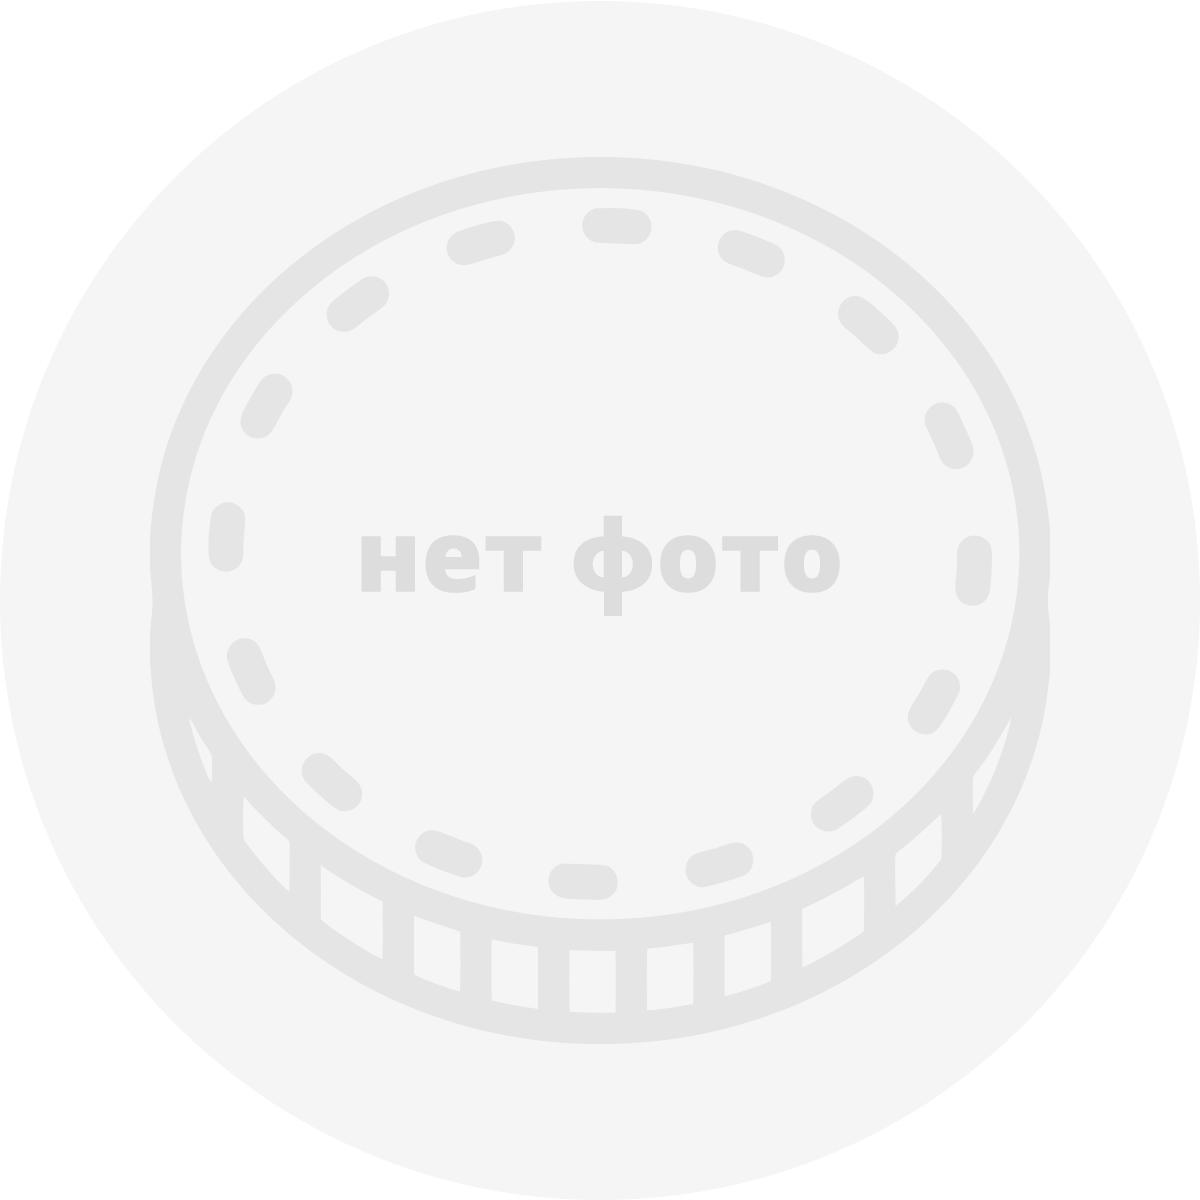 Холдеры 25 мм (степлер)